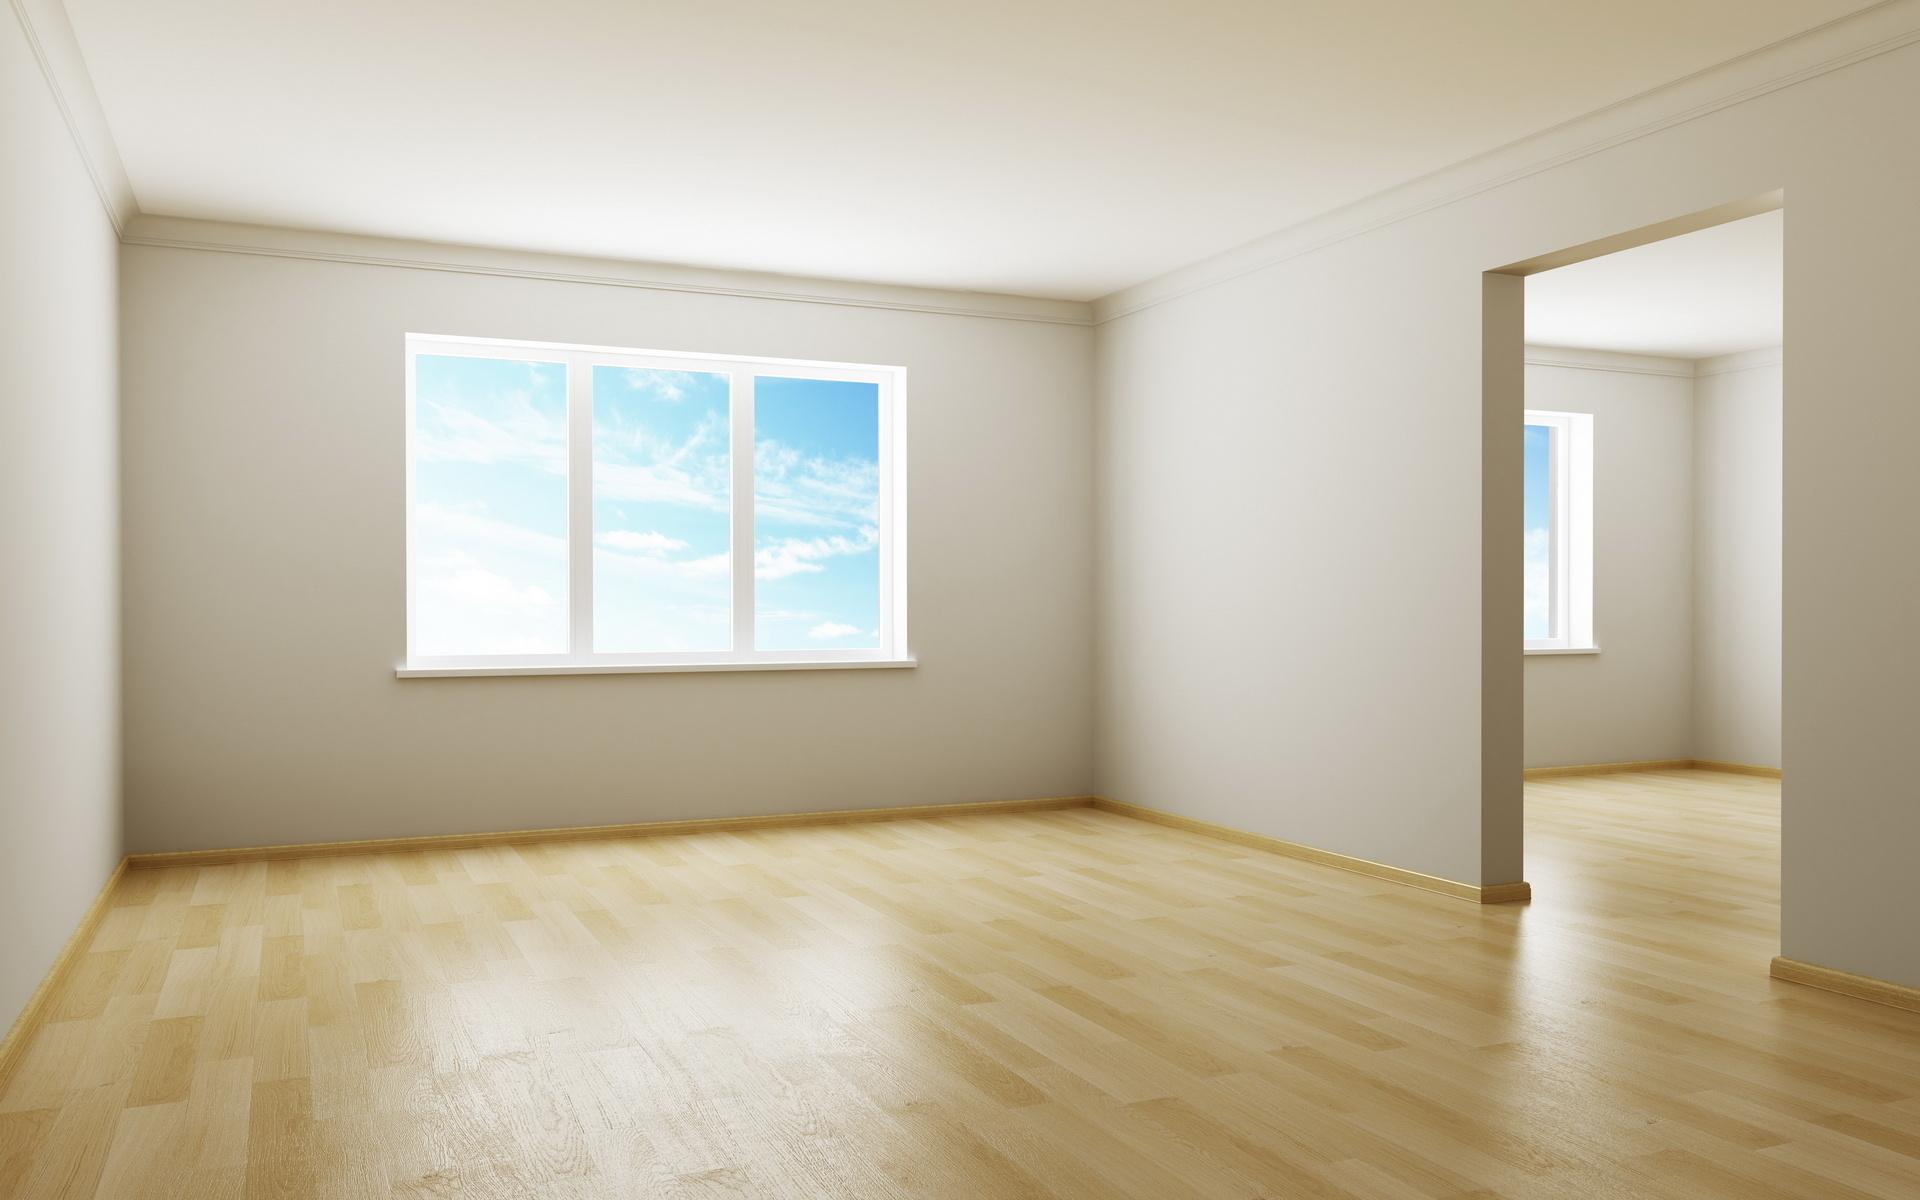 Осмотр квартиры в третьем корпусе - ЖК Мелодия Леса